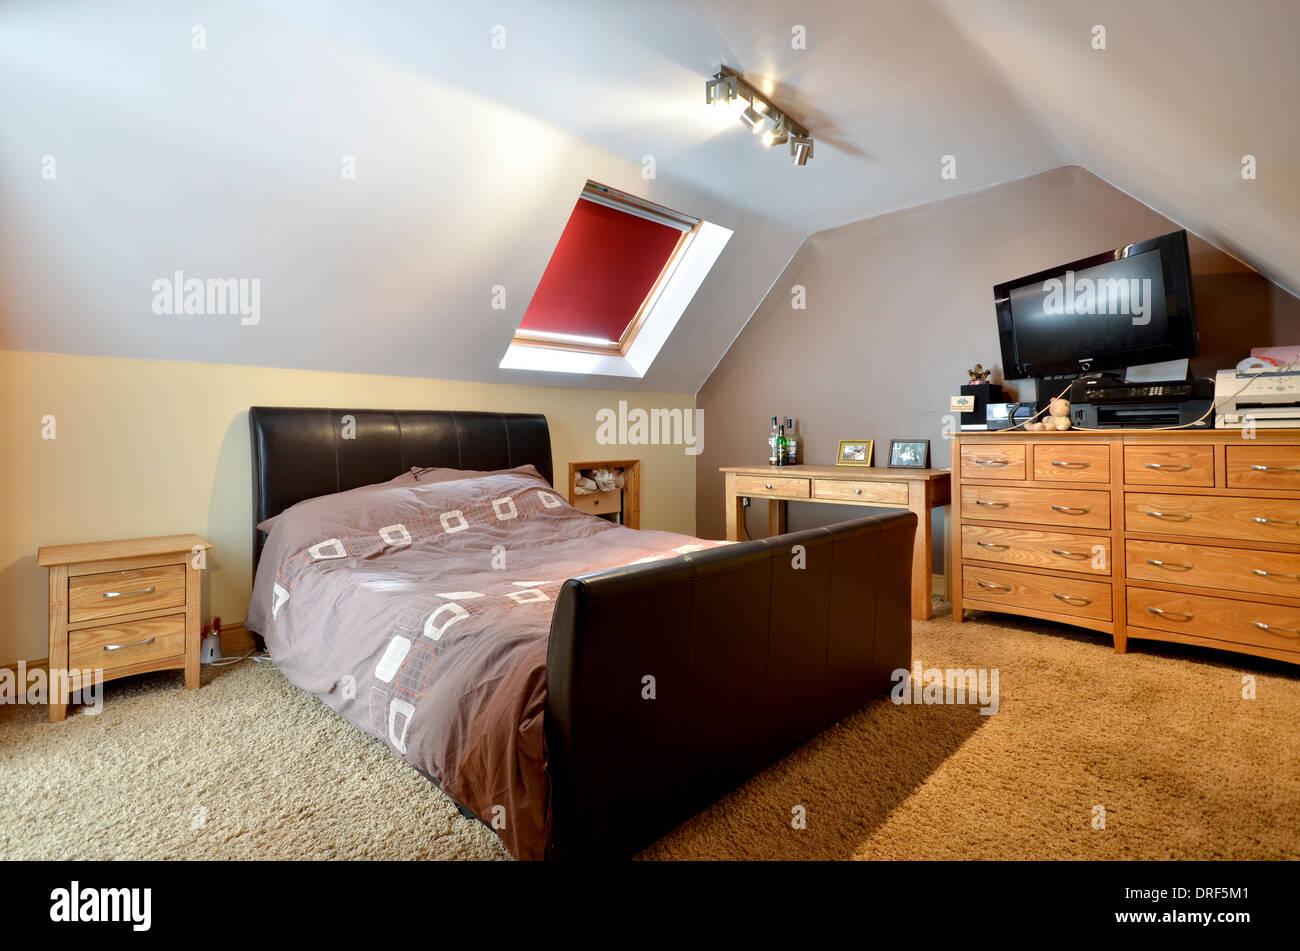 Dachgeschoss Schlafzimmer mit Oberlicht Stockfoto, Bild: 66101953 ...